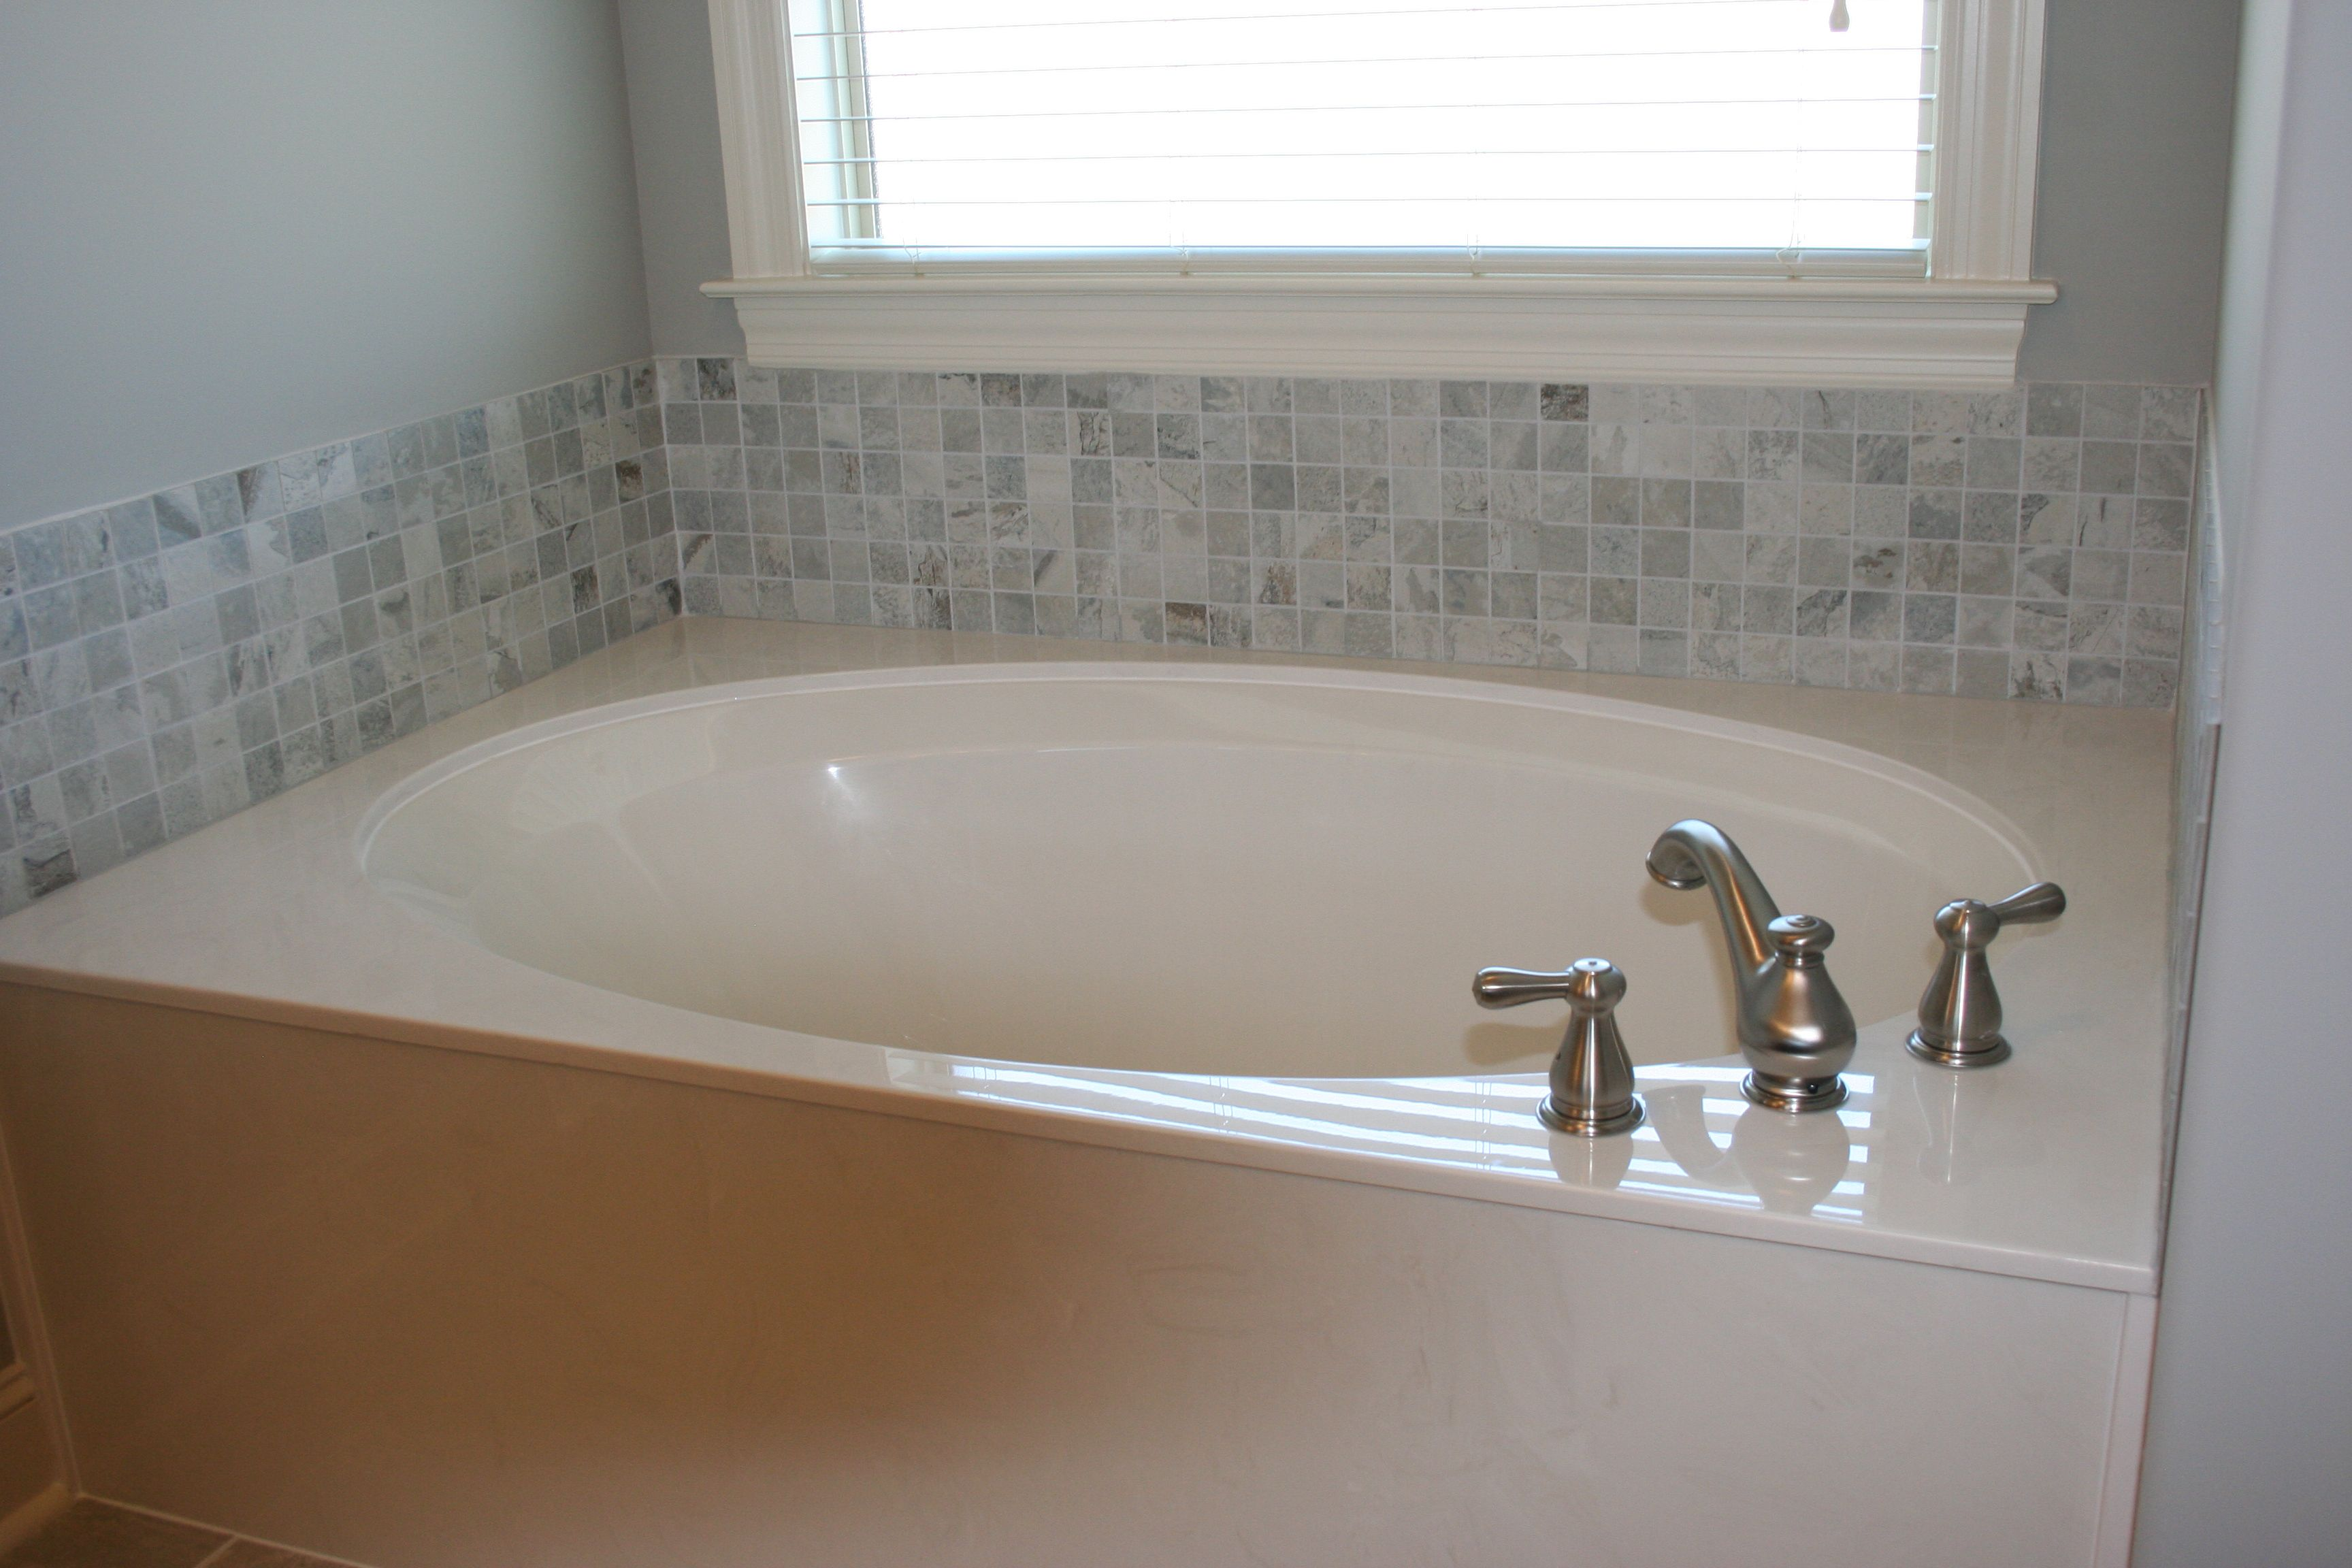 Cultured Marble Tub With Tile Backsplash